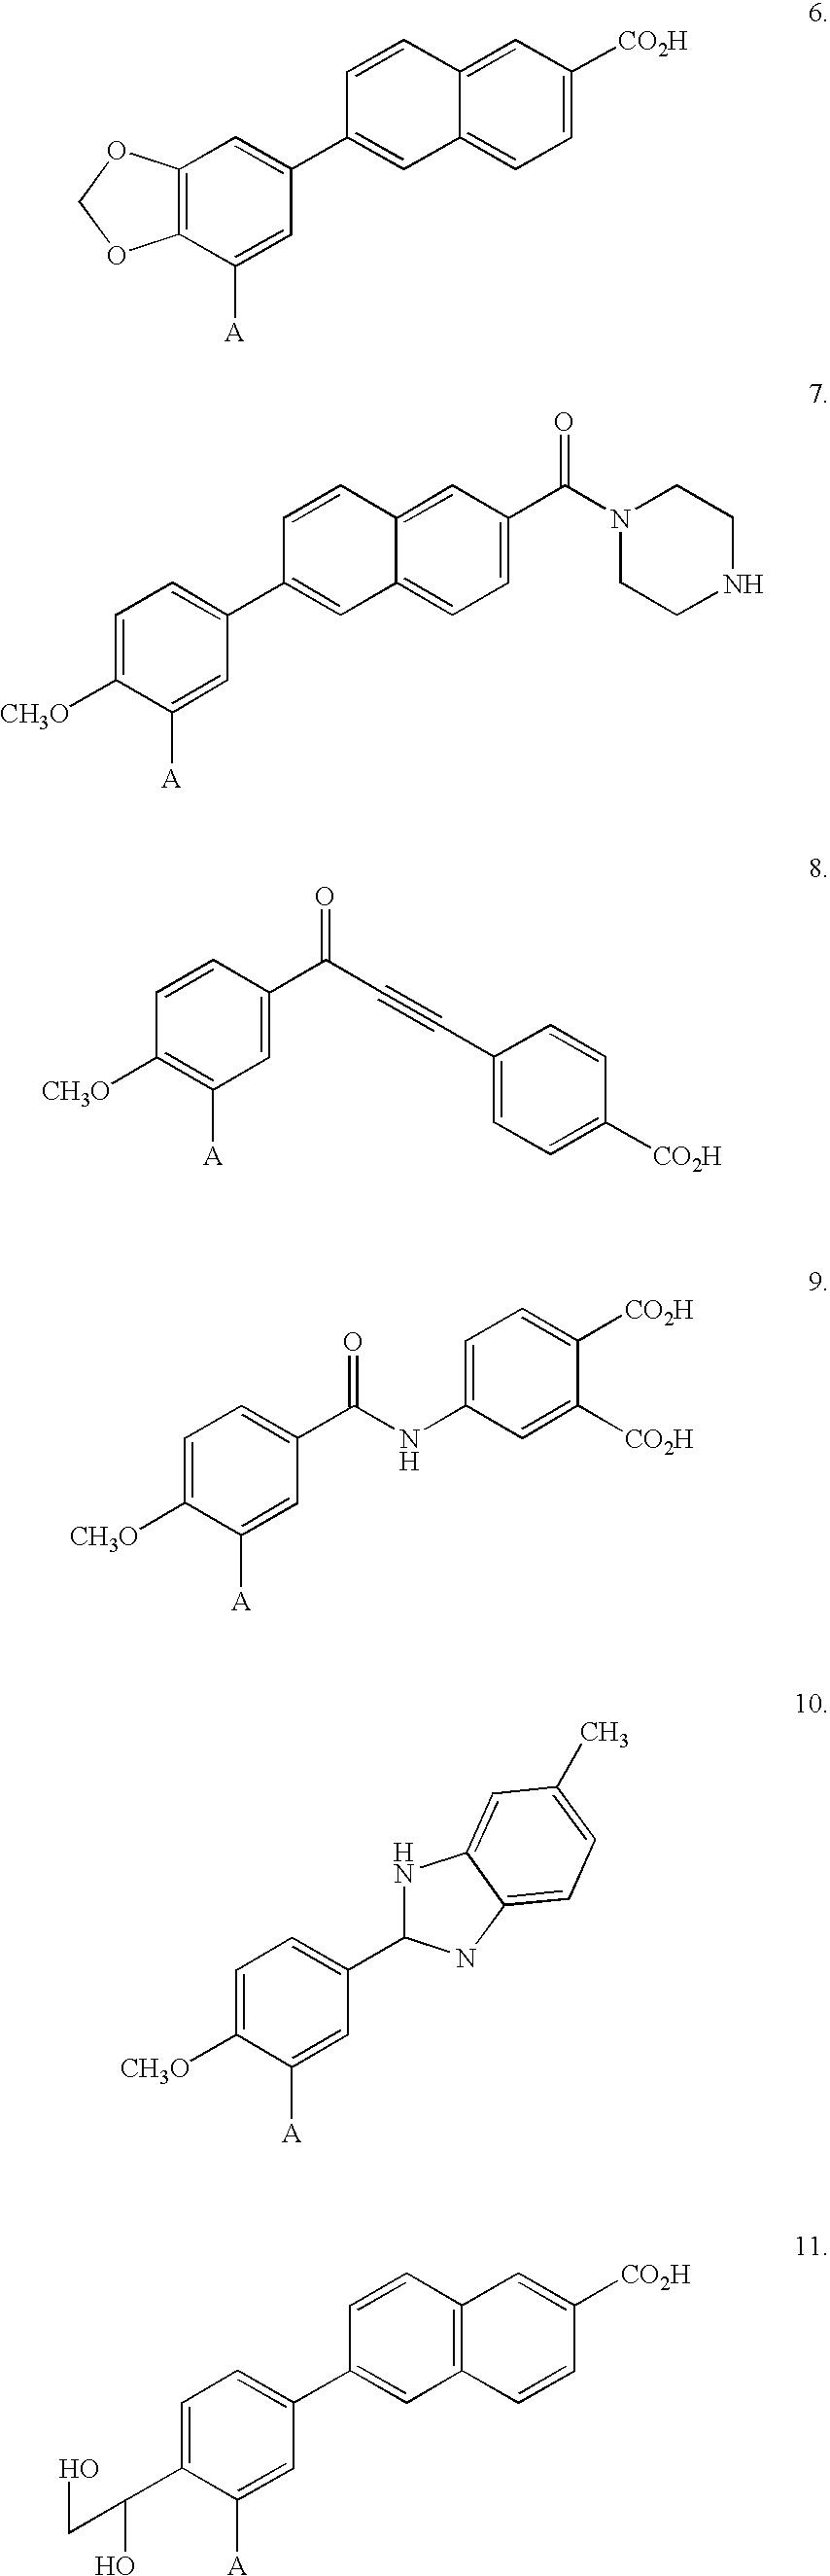 Figure US06462064-20021008-C00027